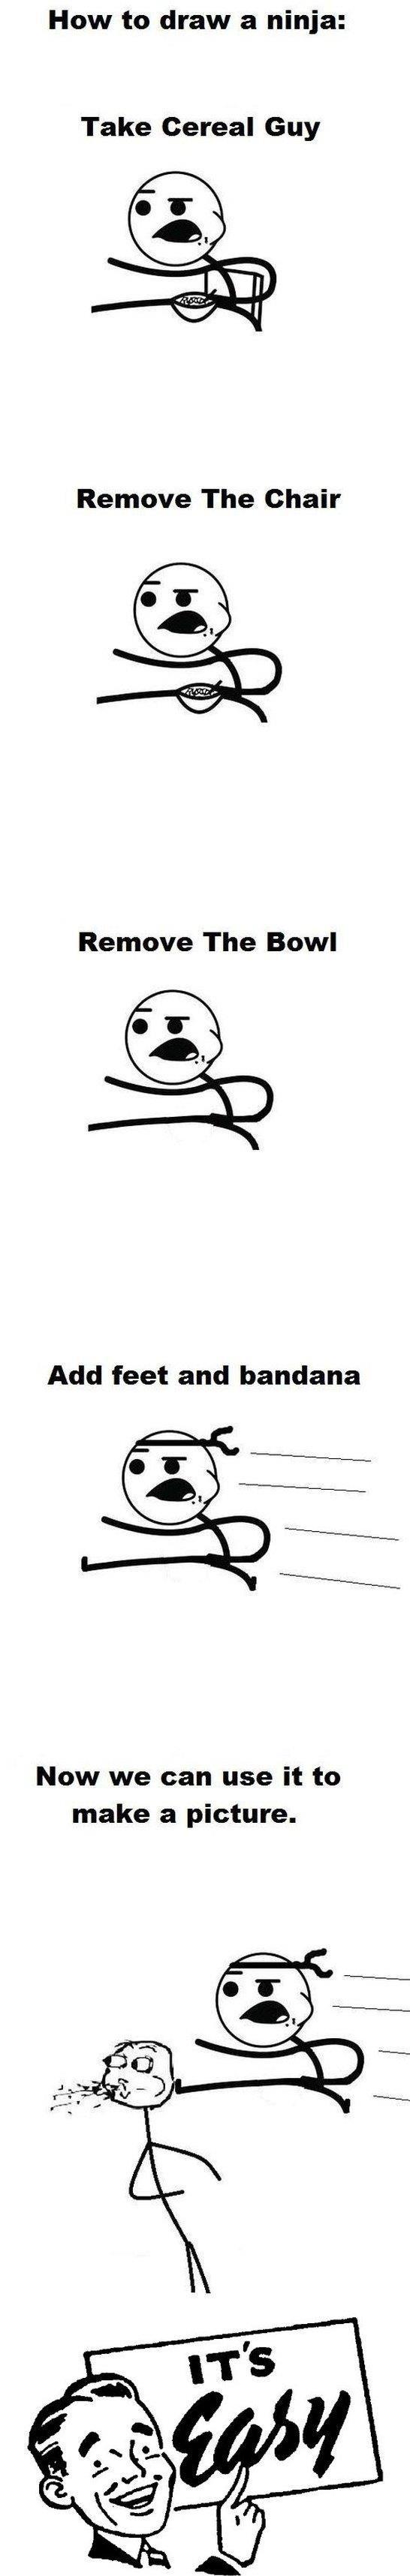 How to make a Ninja